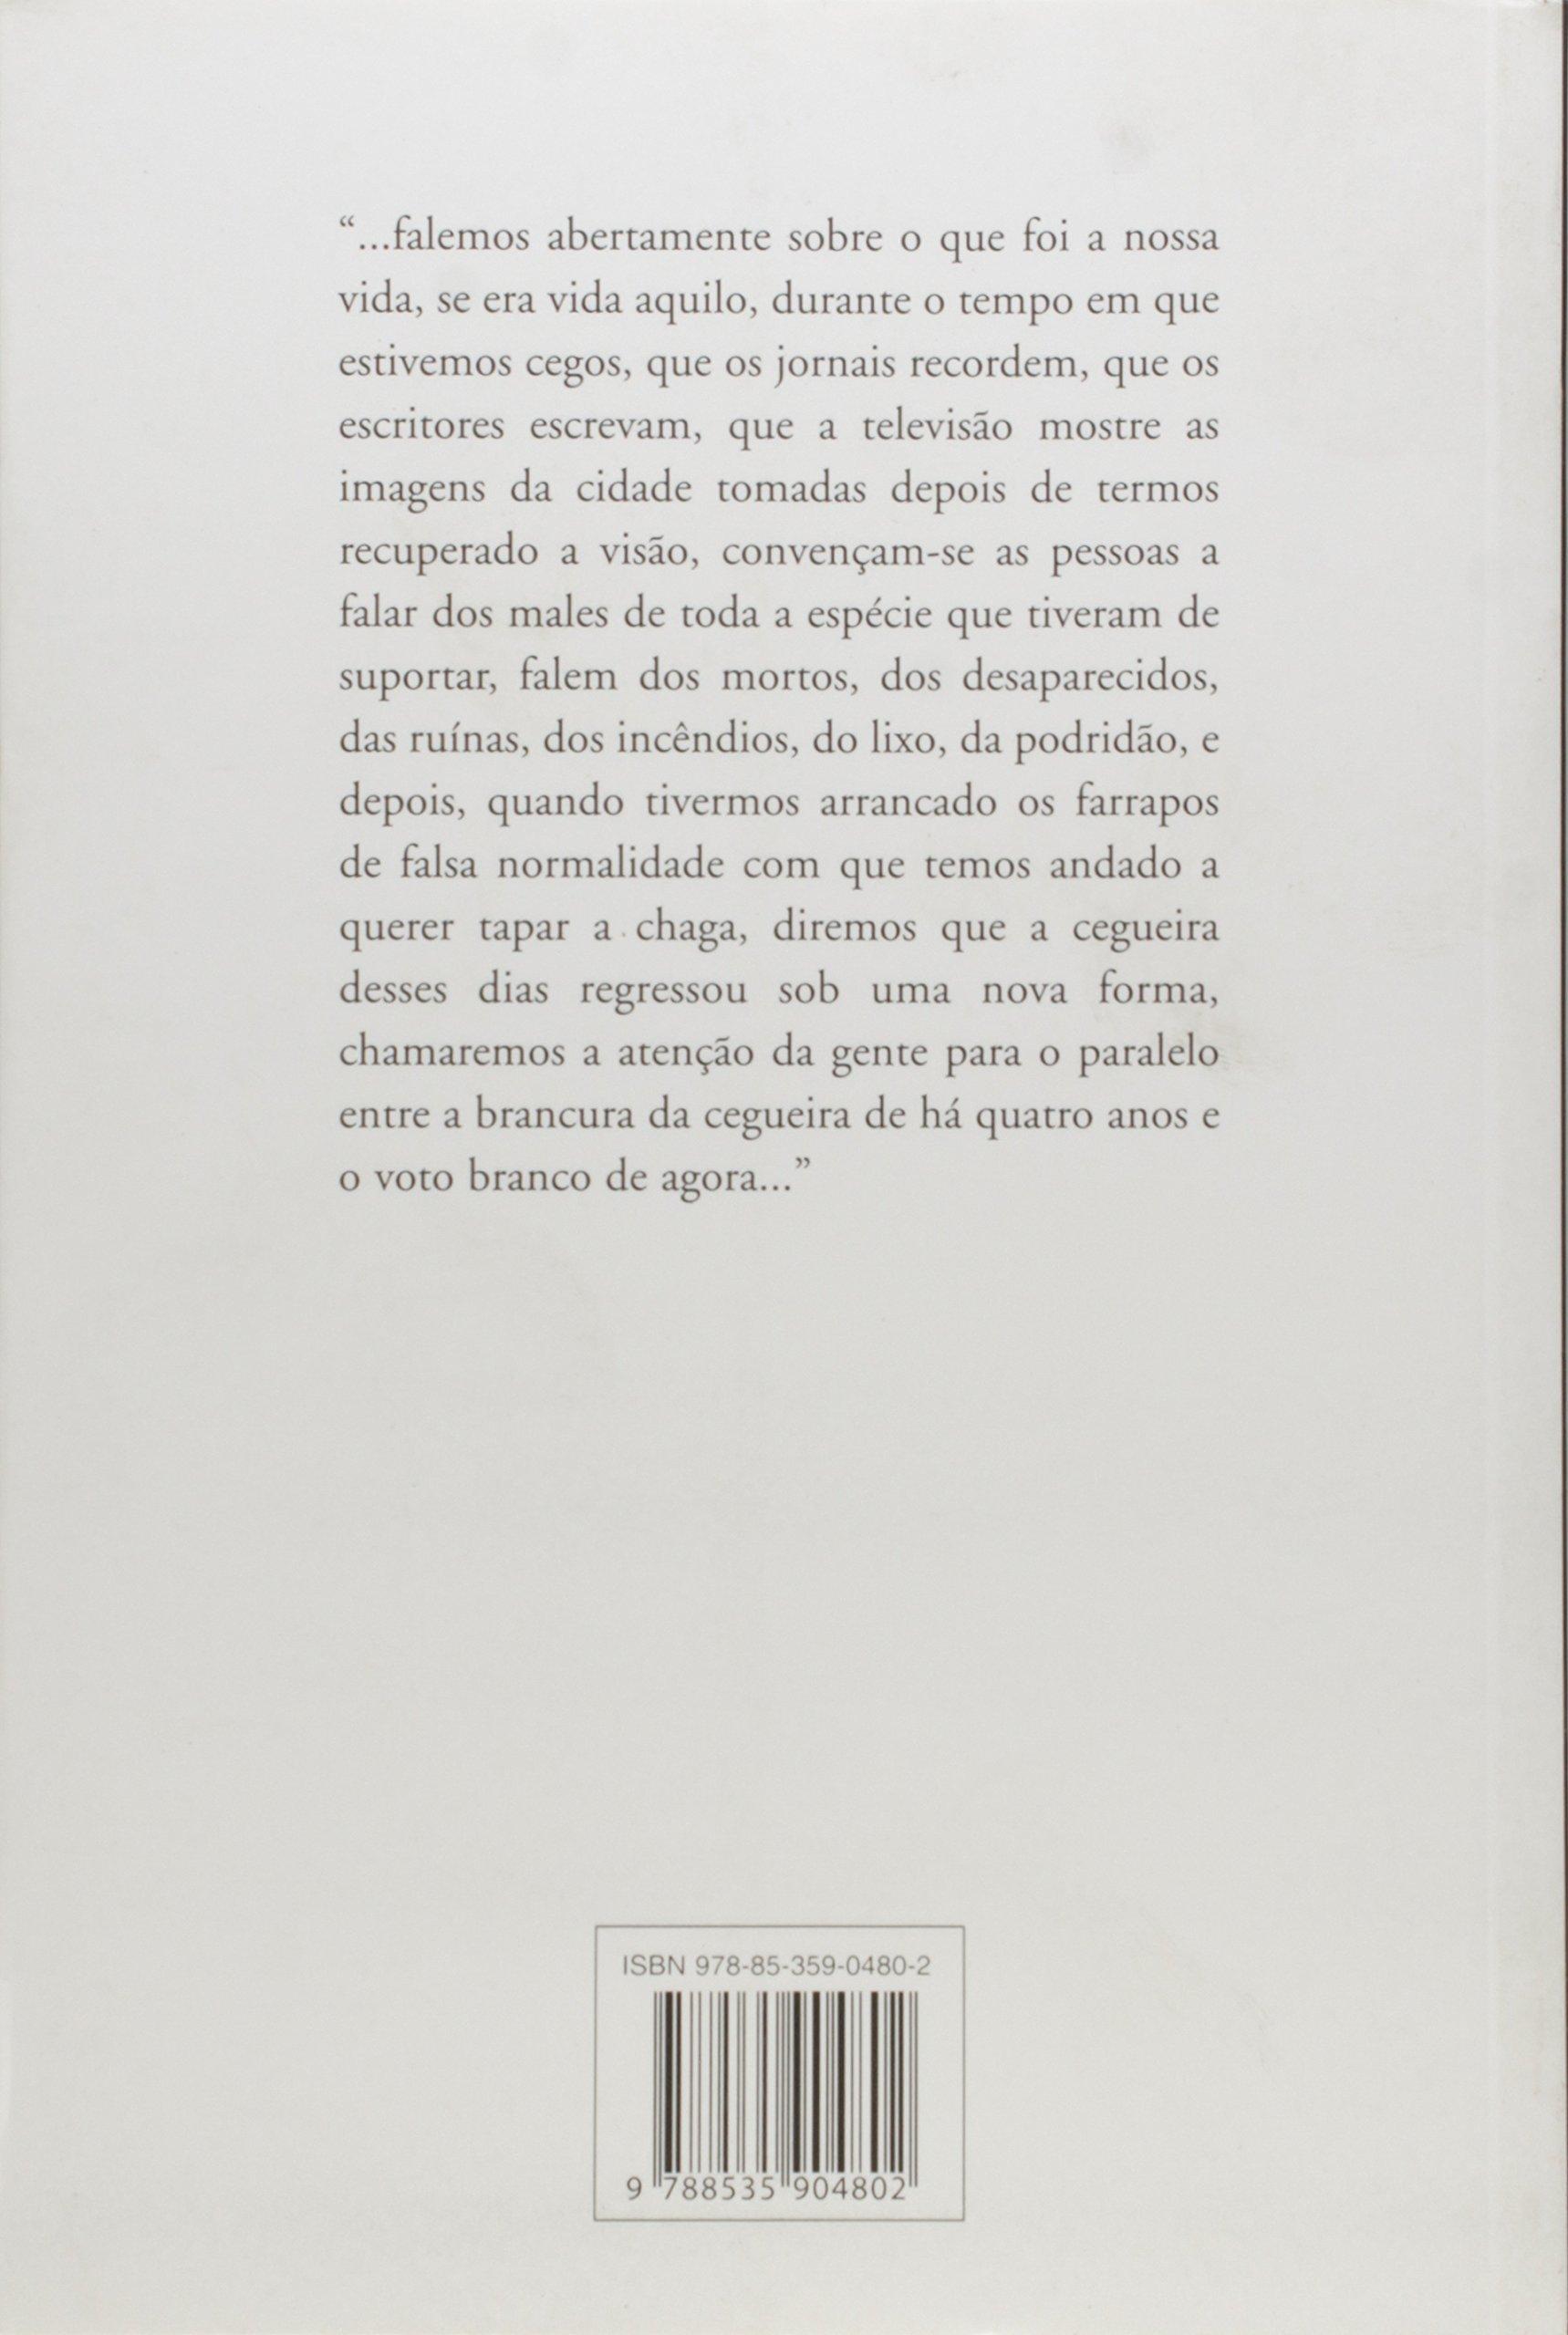 Ensaio Sobre A Lucidez Jose Saramago 9788535904802 Amazoncom Books